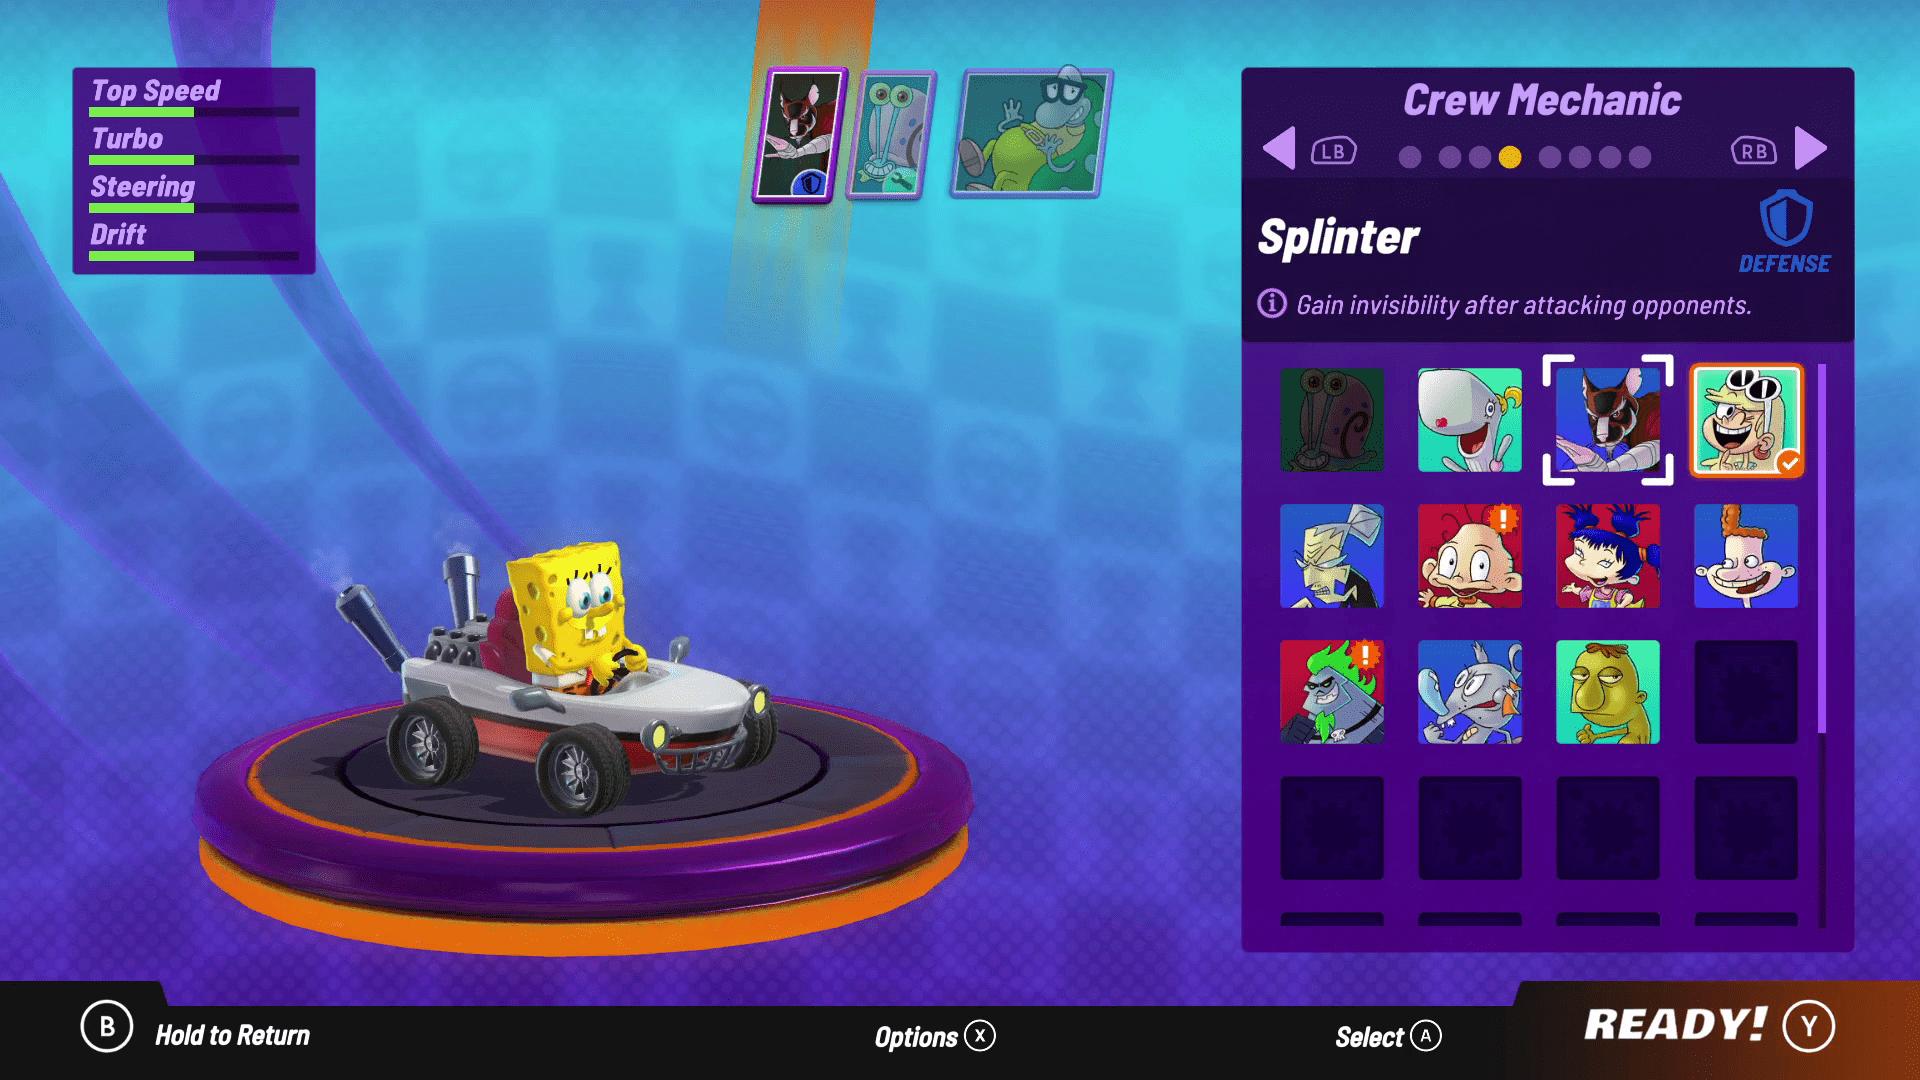 Spongebob Squarepants in the character menu